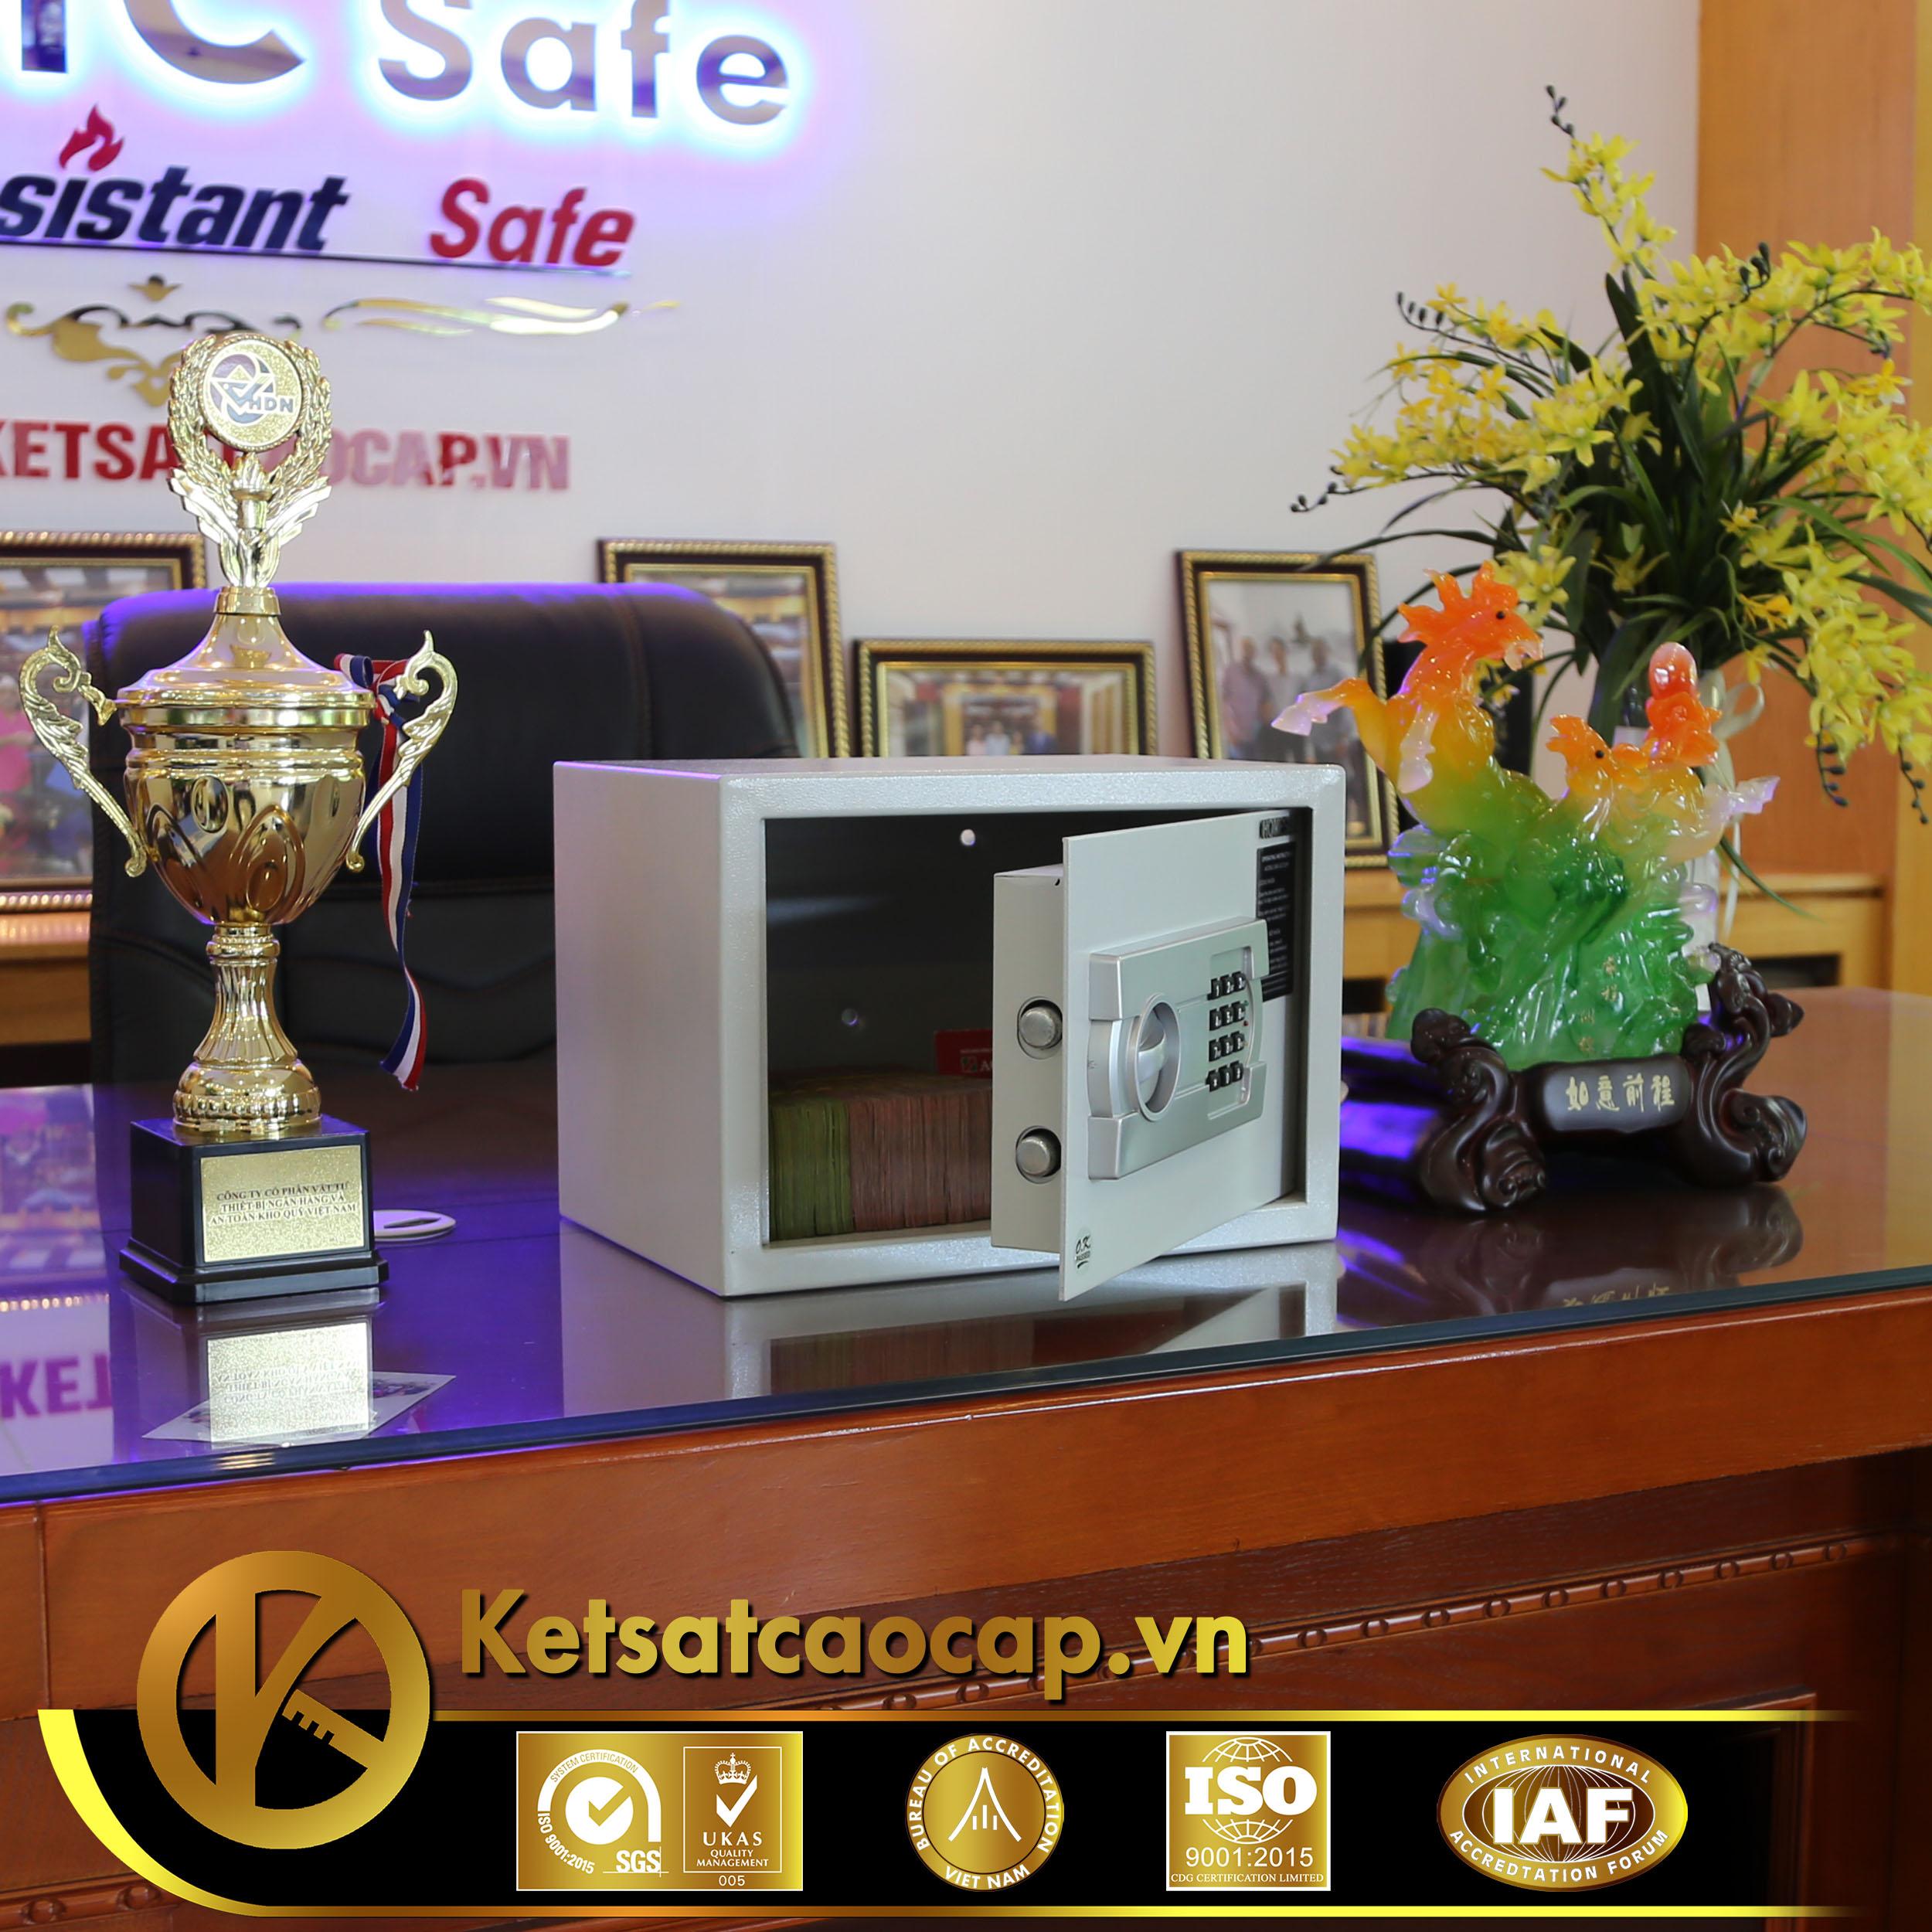 đặc điểm sản phẩm Két sắt khách sạn cao cấp KS35-ACT